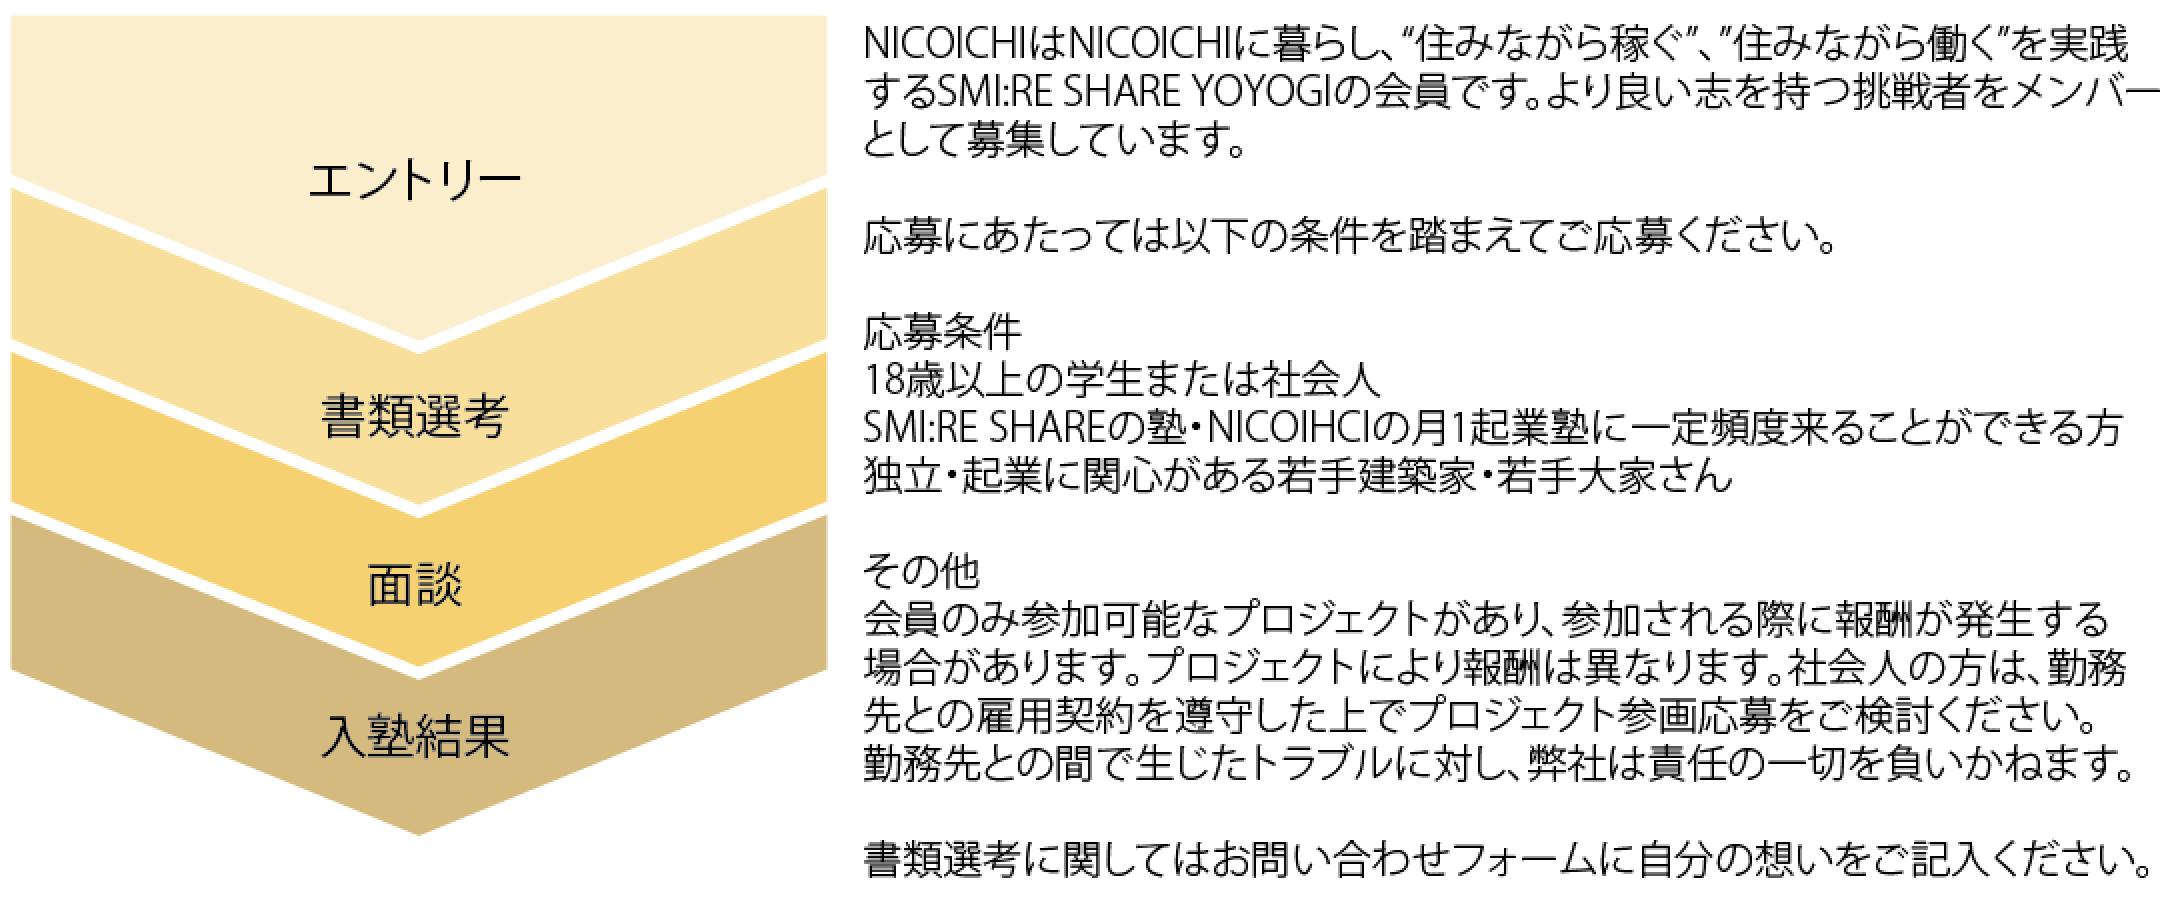 スクリーンショット 2021-05-28 17.02.18